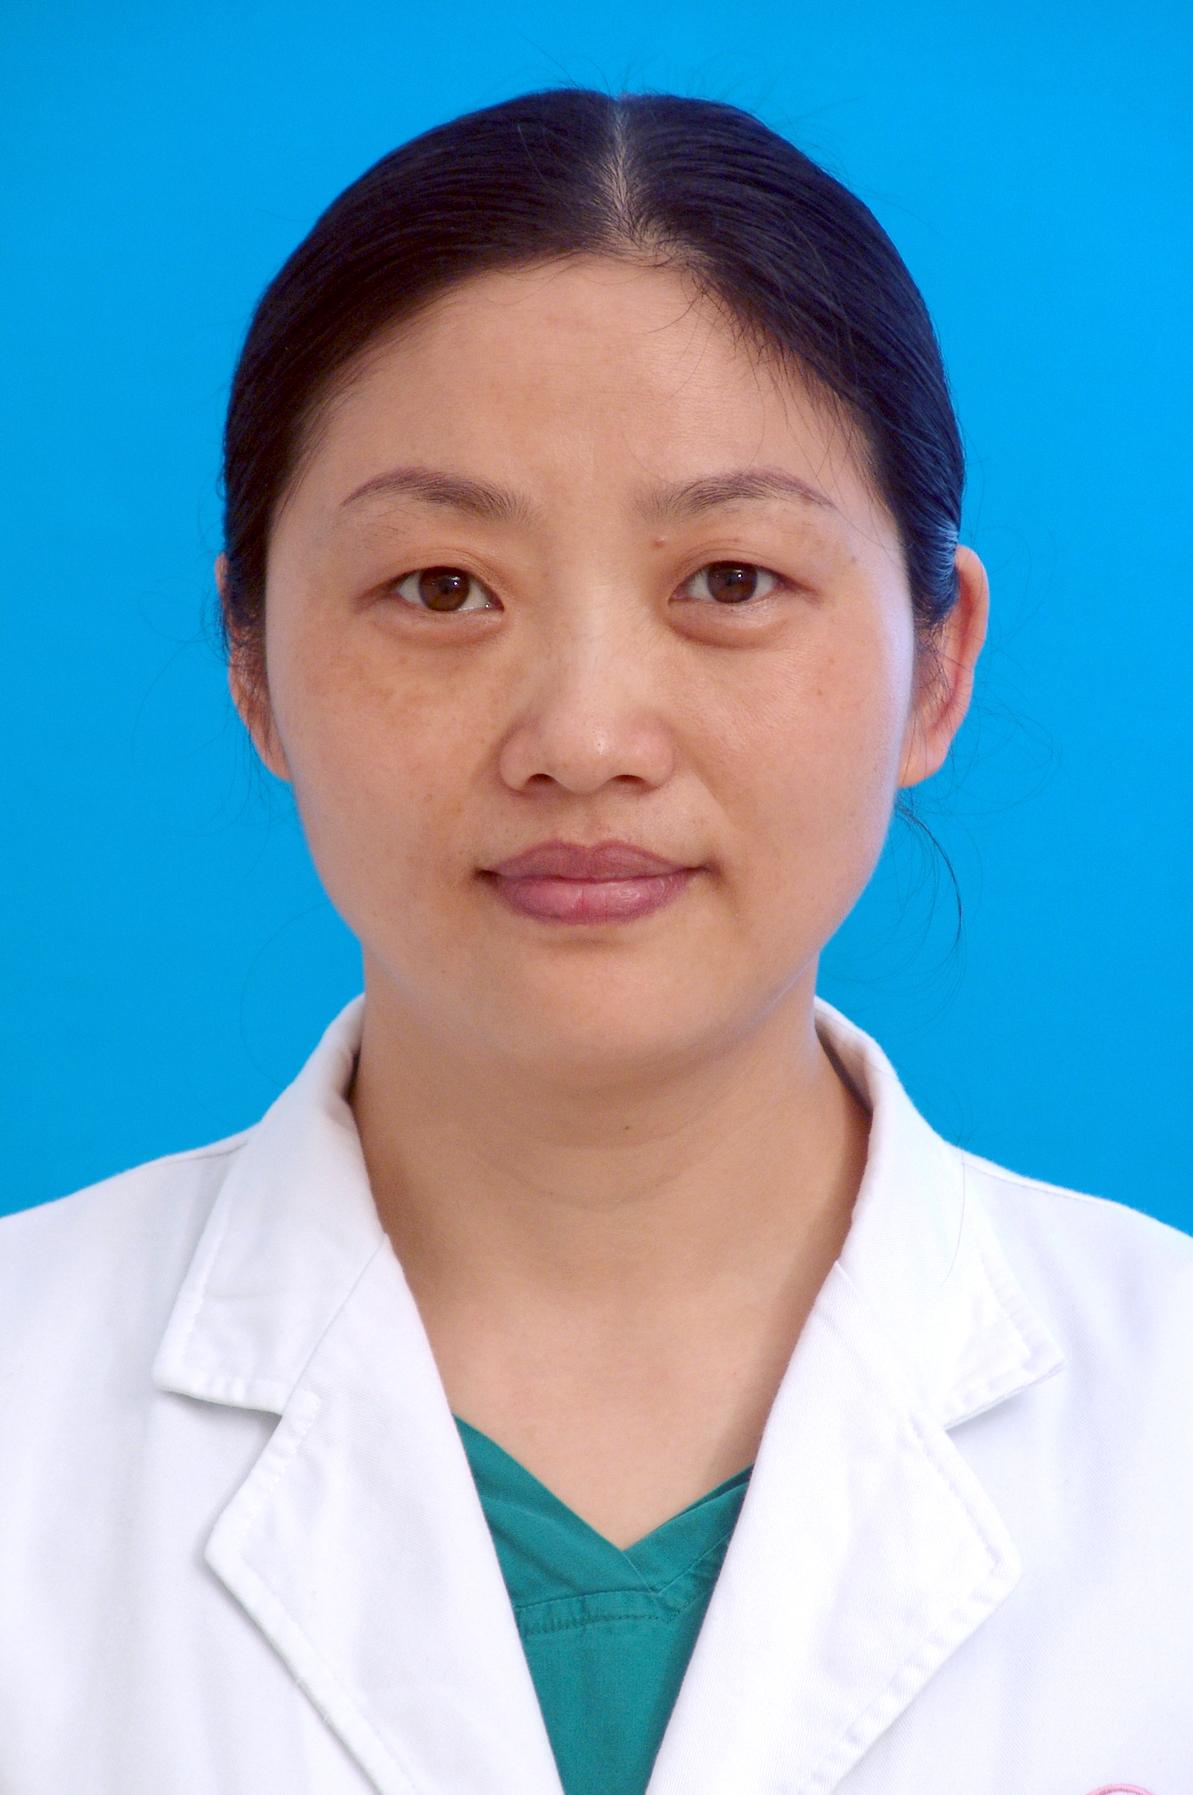 王玉霞——暨南大学附属第一医院生殖医学科主任